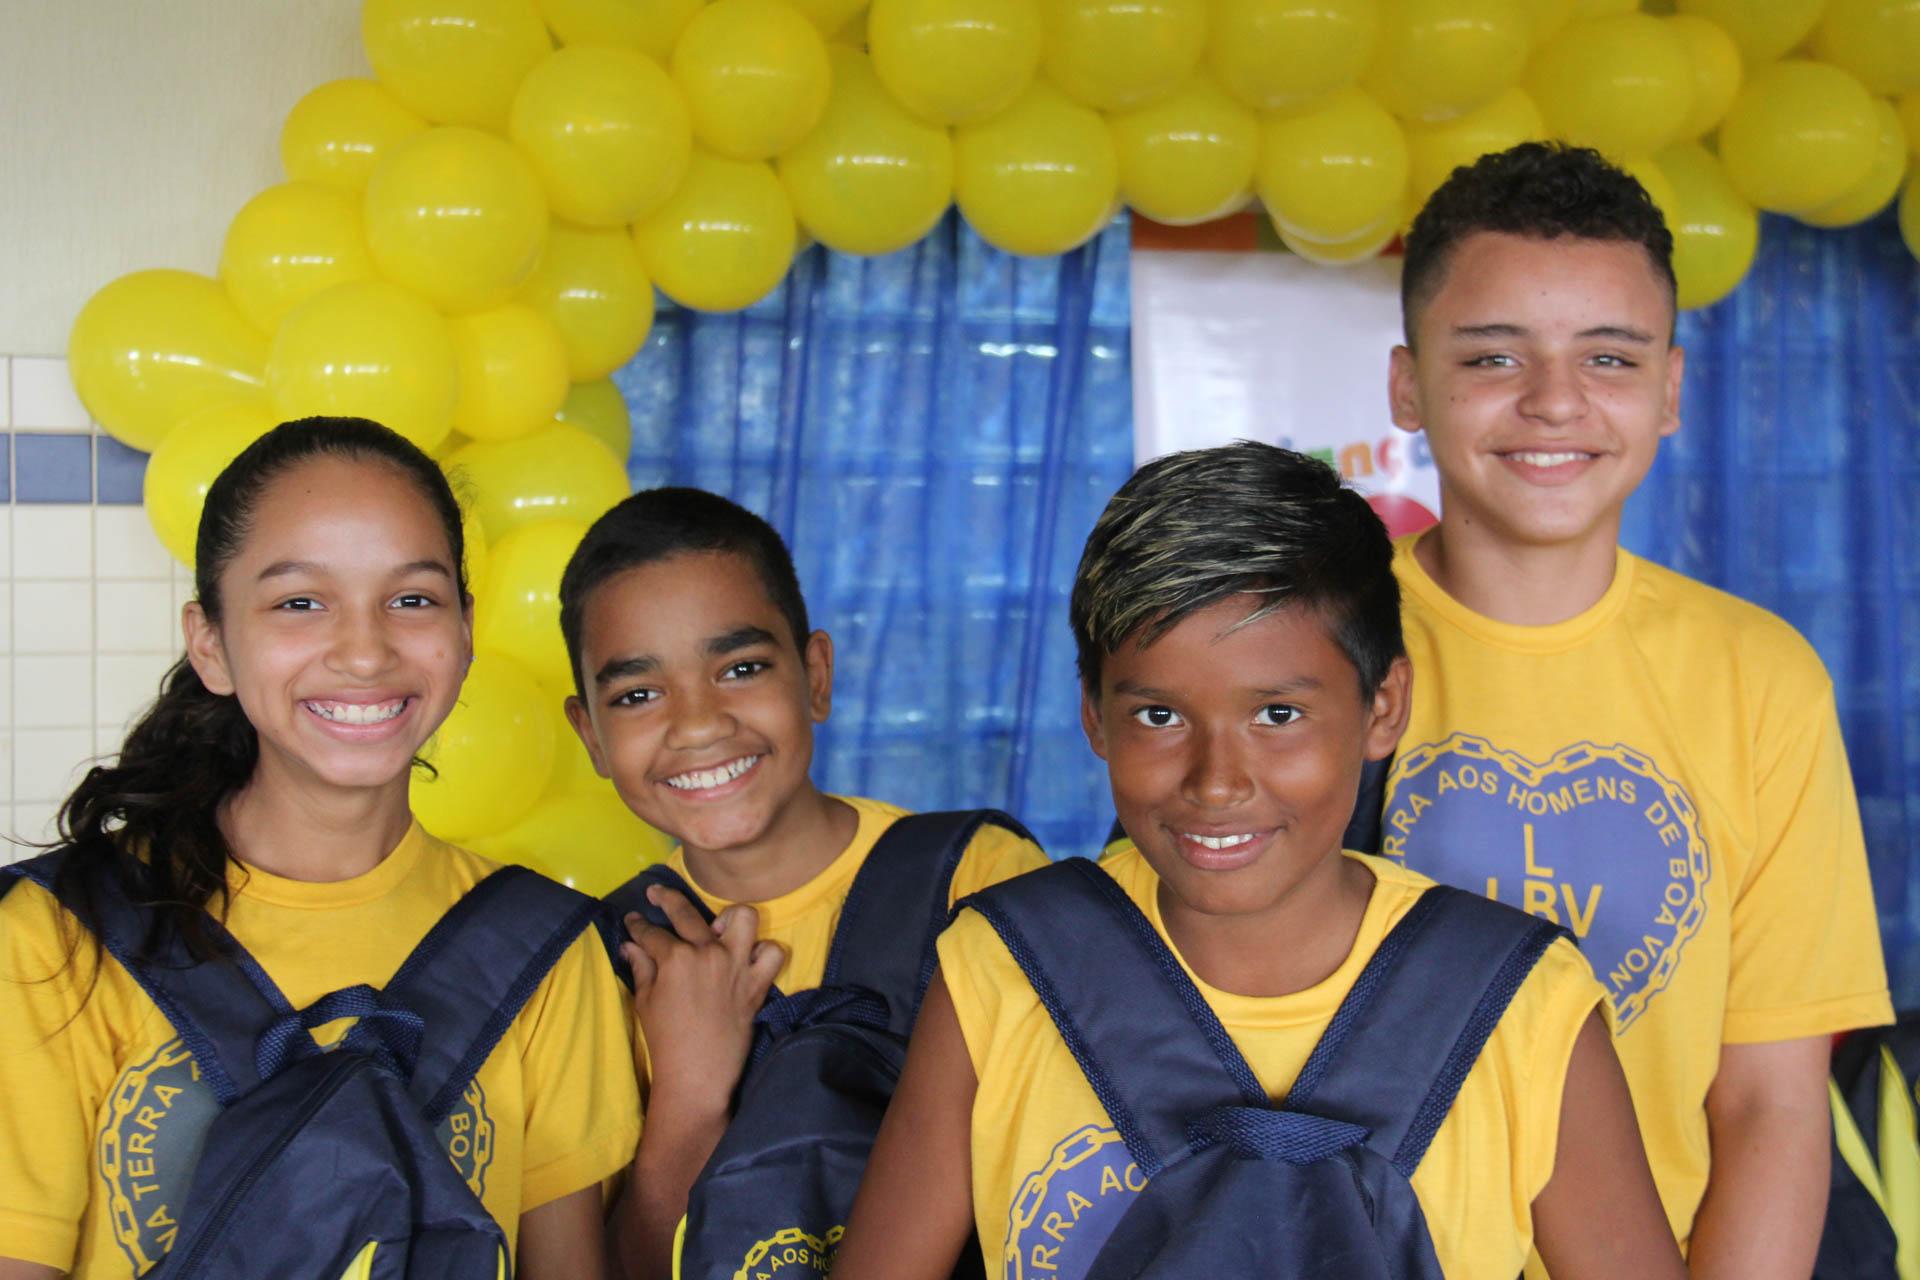 Manaus/AM - Satisfação para os pais e alegria para as crianças e jovens que, de agora em diante, terão material pedagógico para os seus estudos.